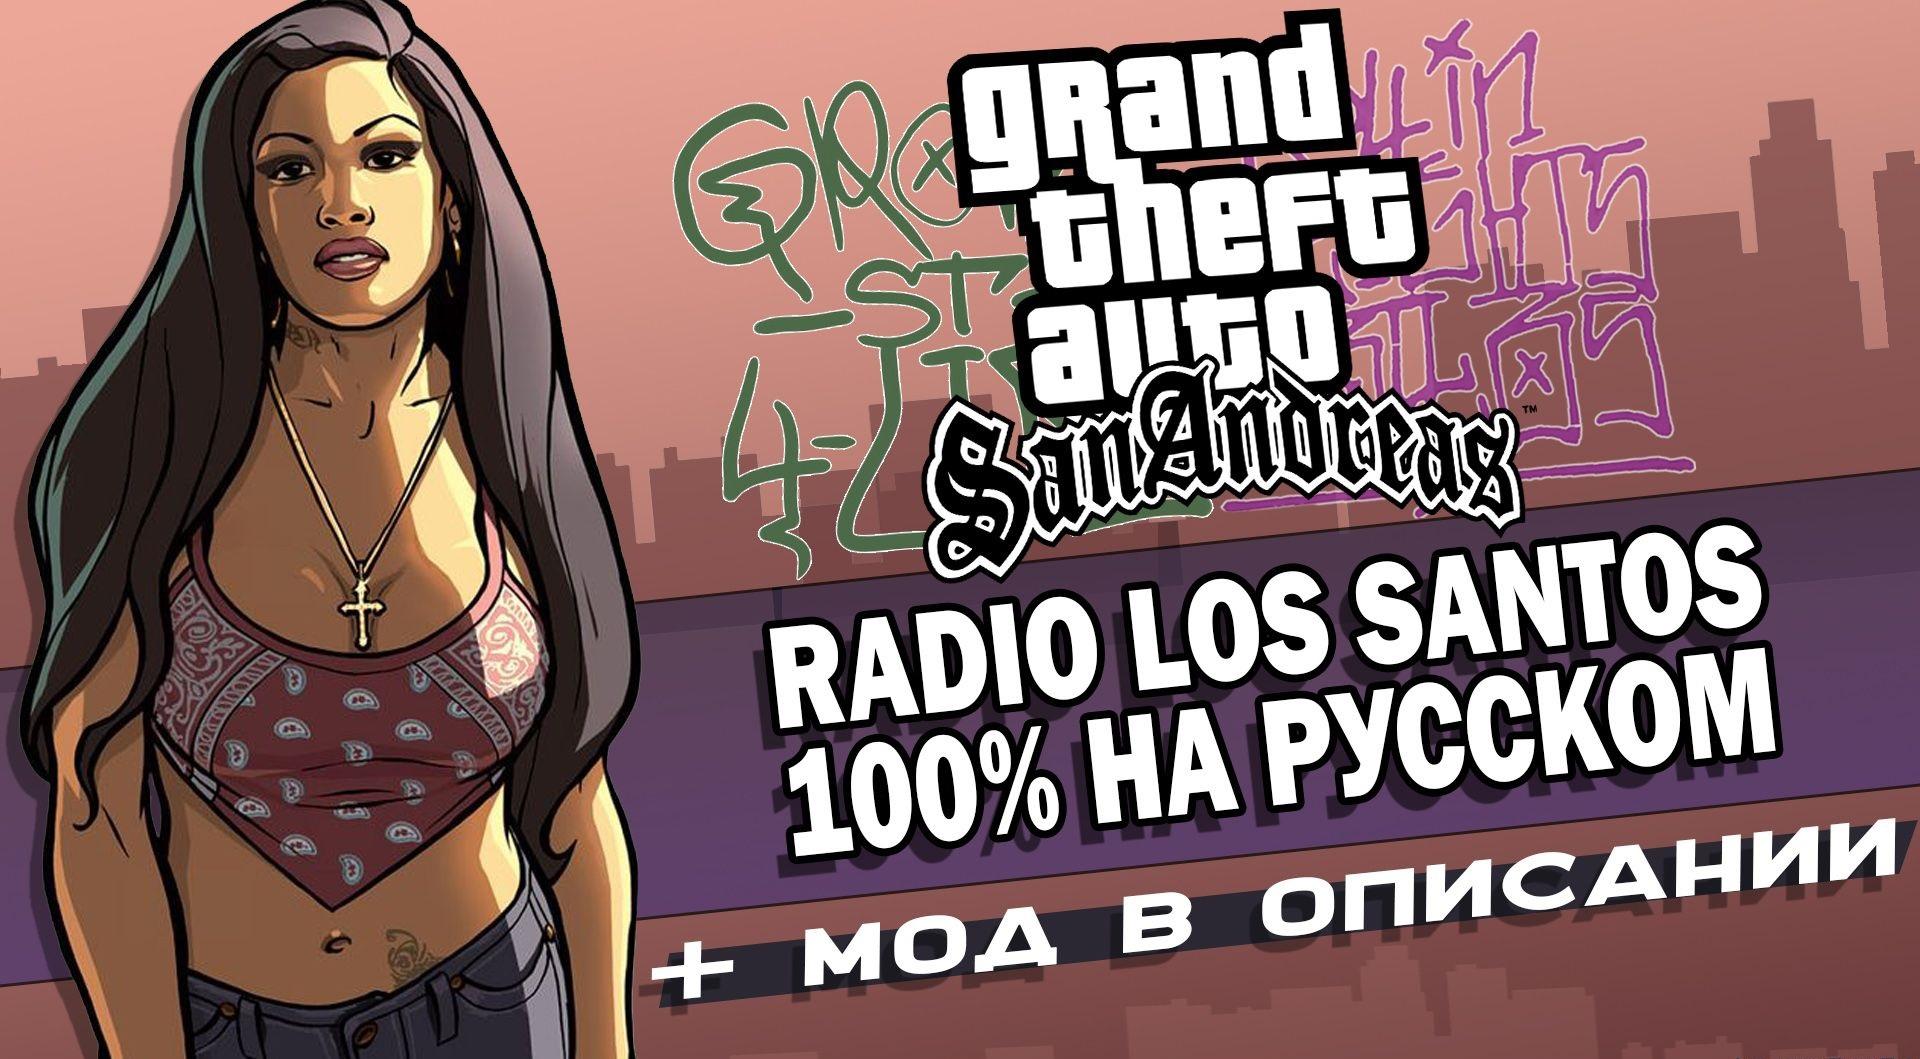 RADIO LOS SANTOS 100% НА РУССКОМ